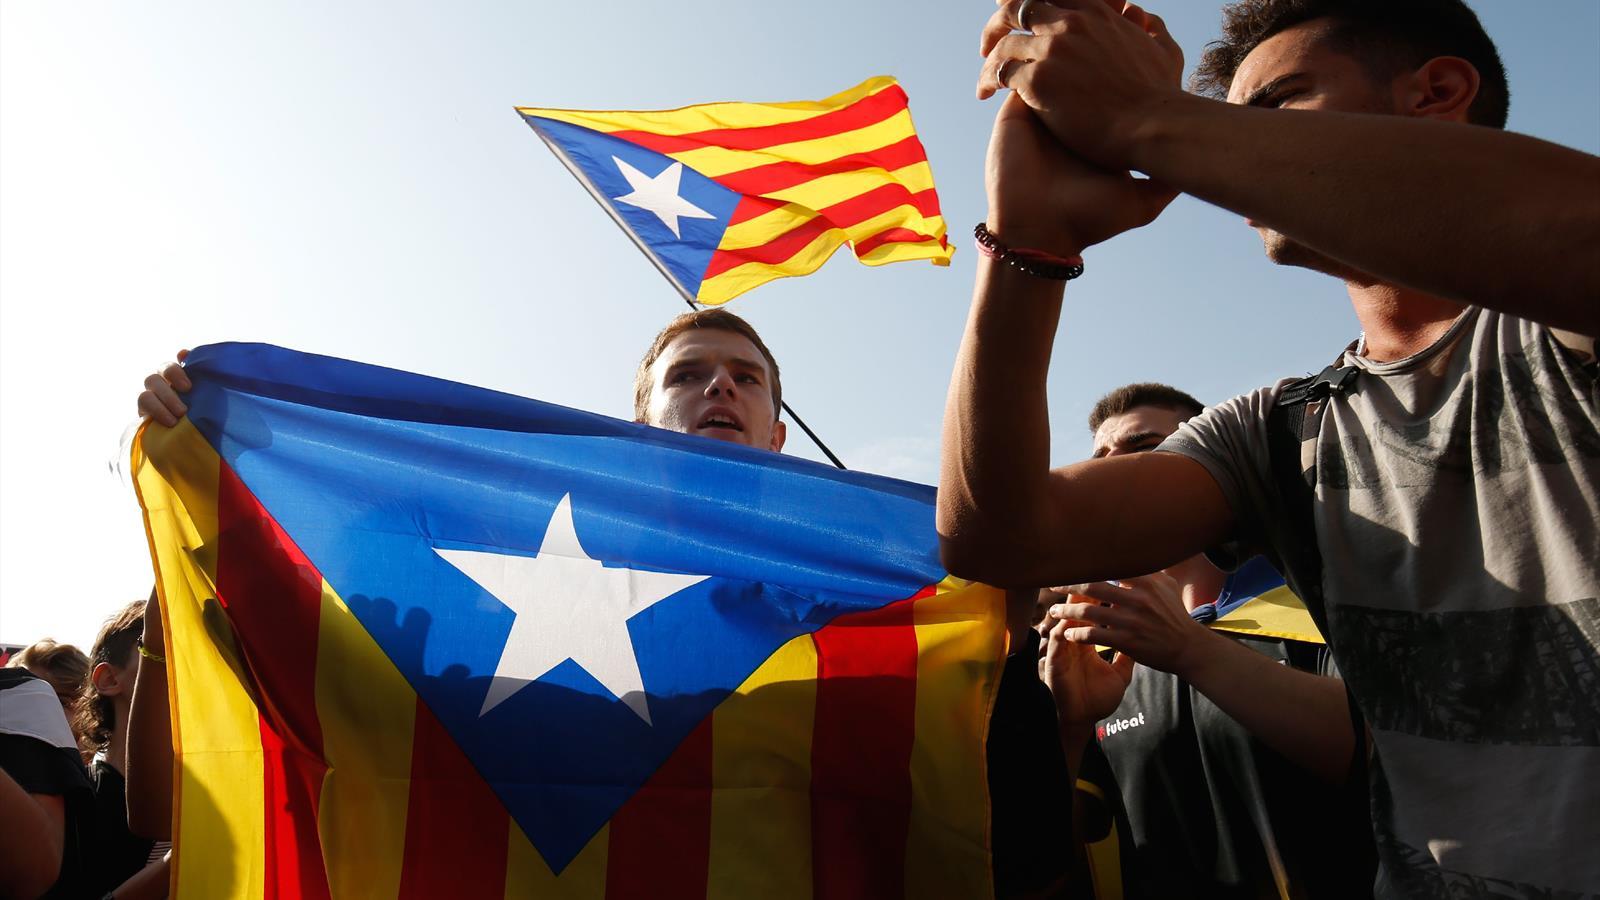 «Барселона» призвала освободить лидеров движения за независимость Каталонии